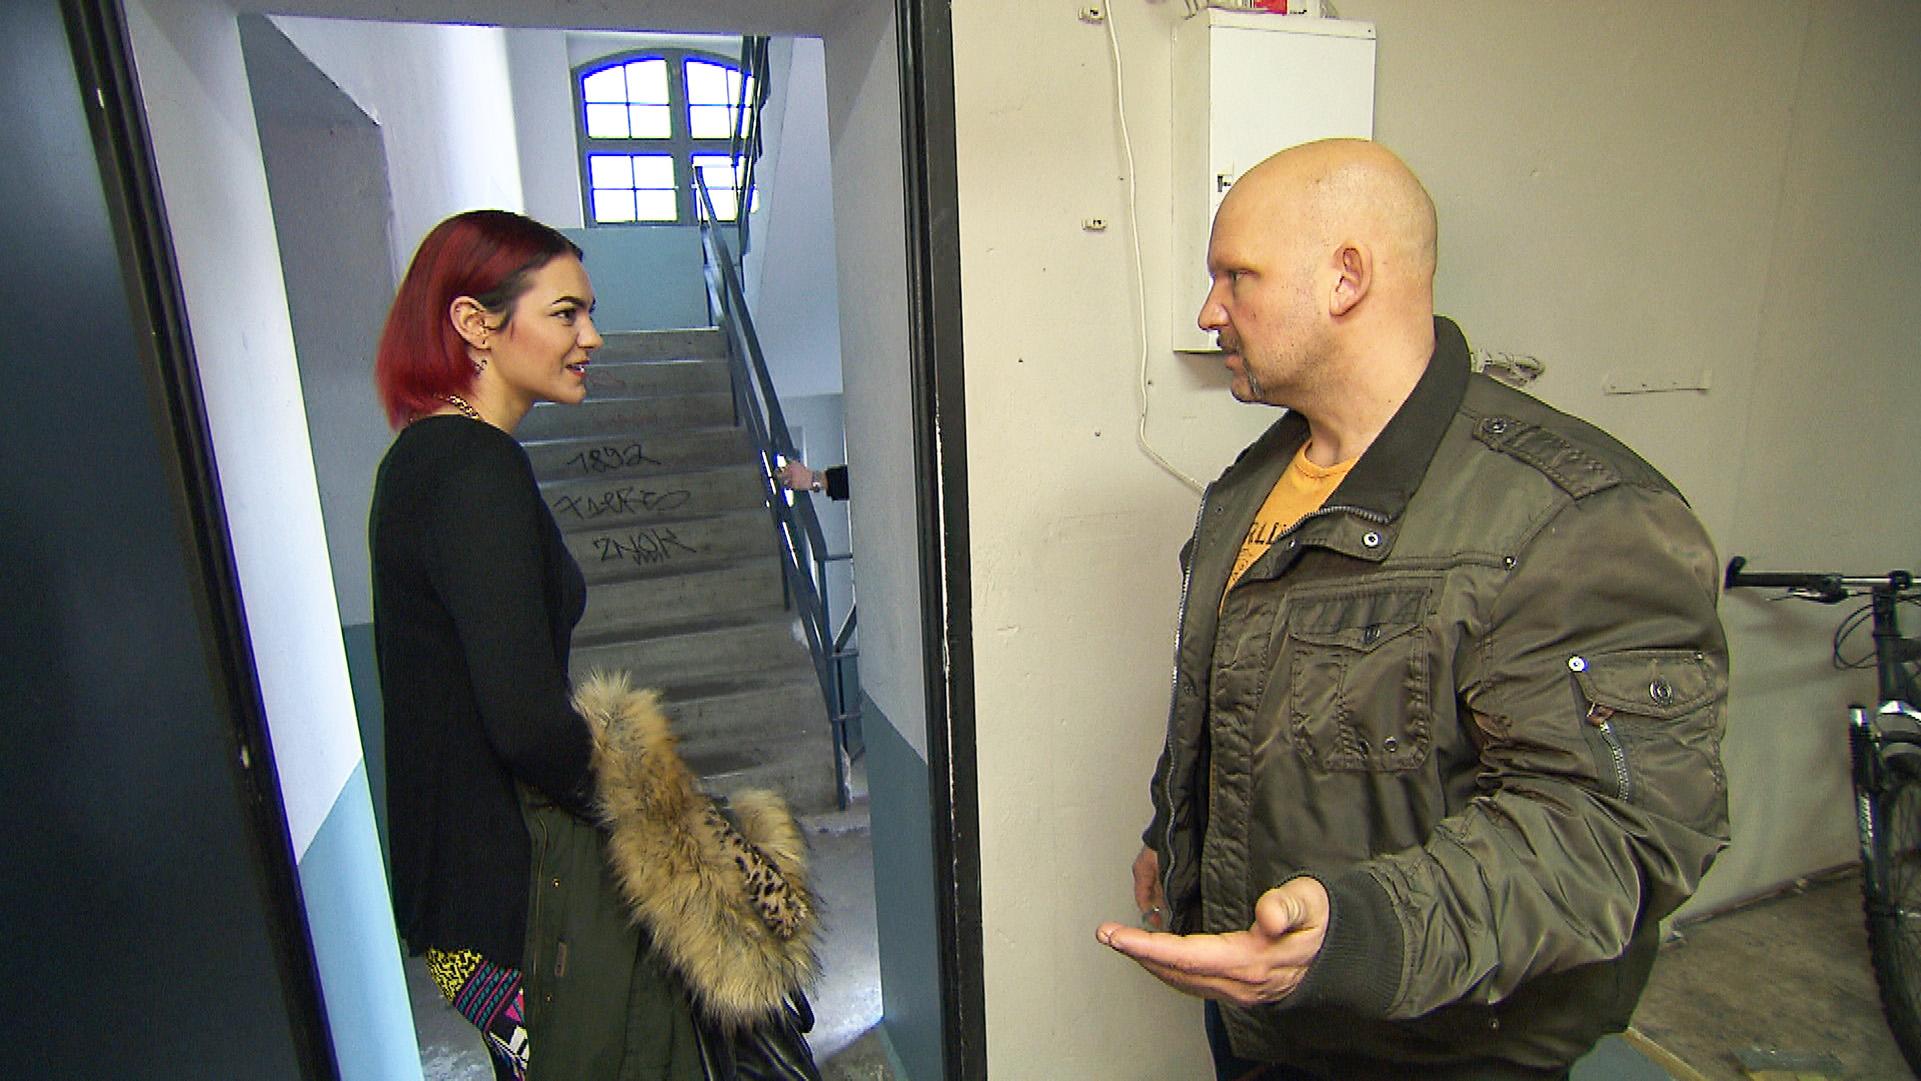 Jessica ist von Joes ständiger Einmischung in ihr Leben zunehmend genervt... (Quelle: RTL 2)